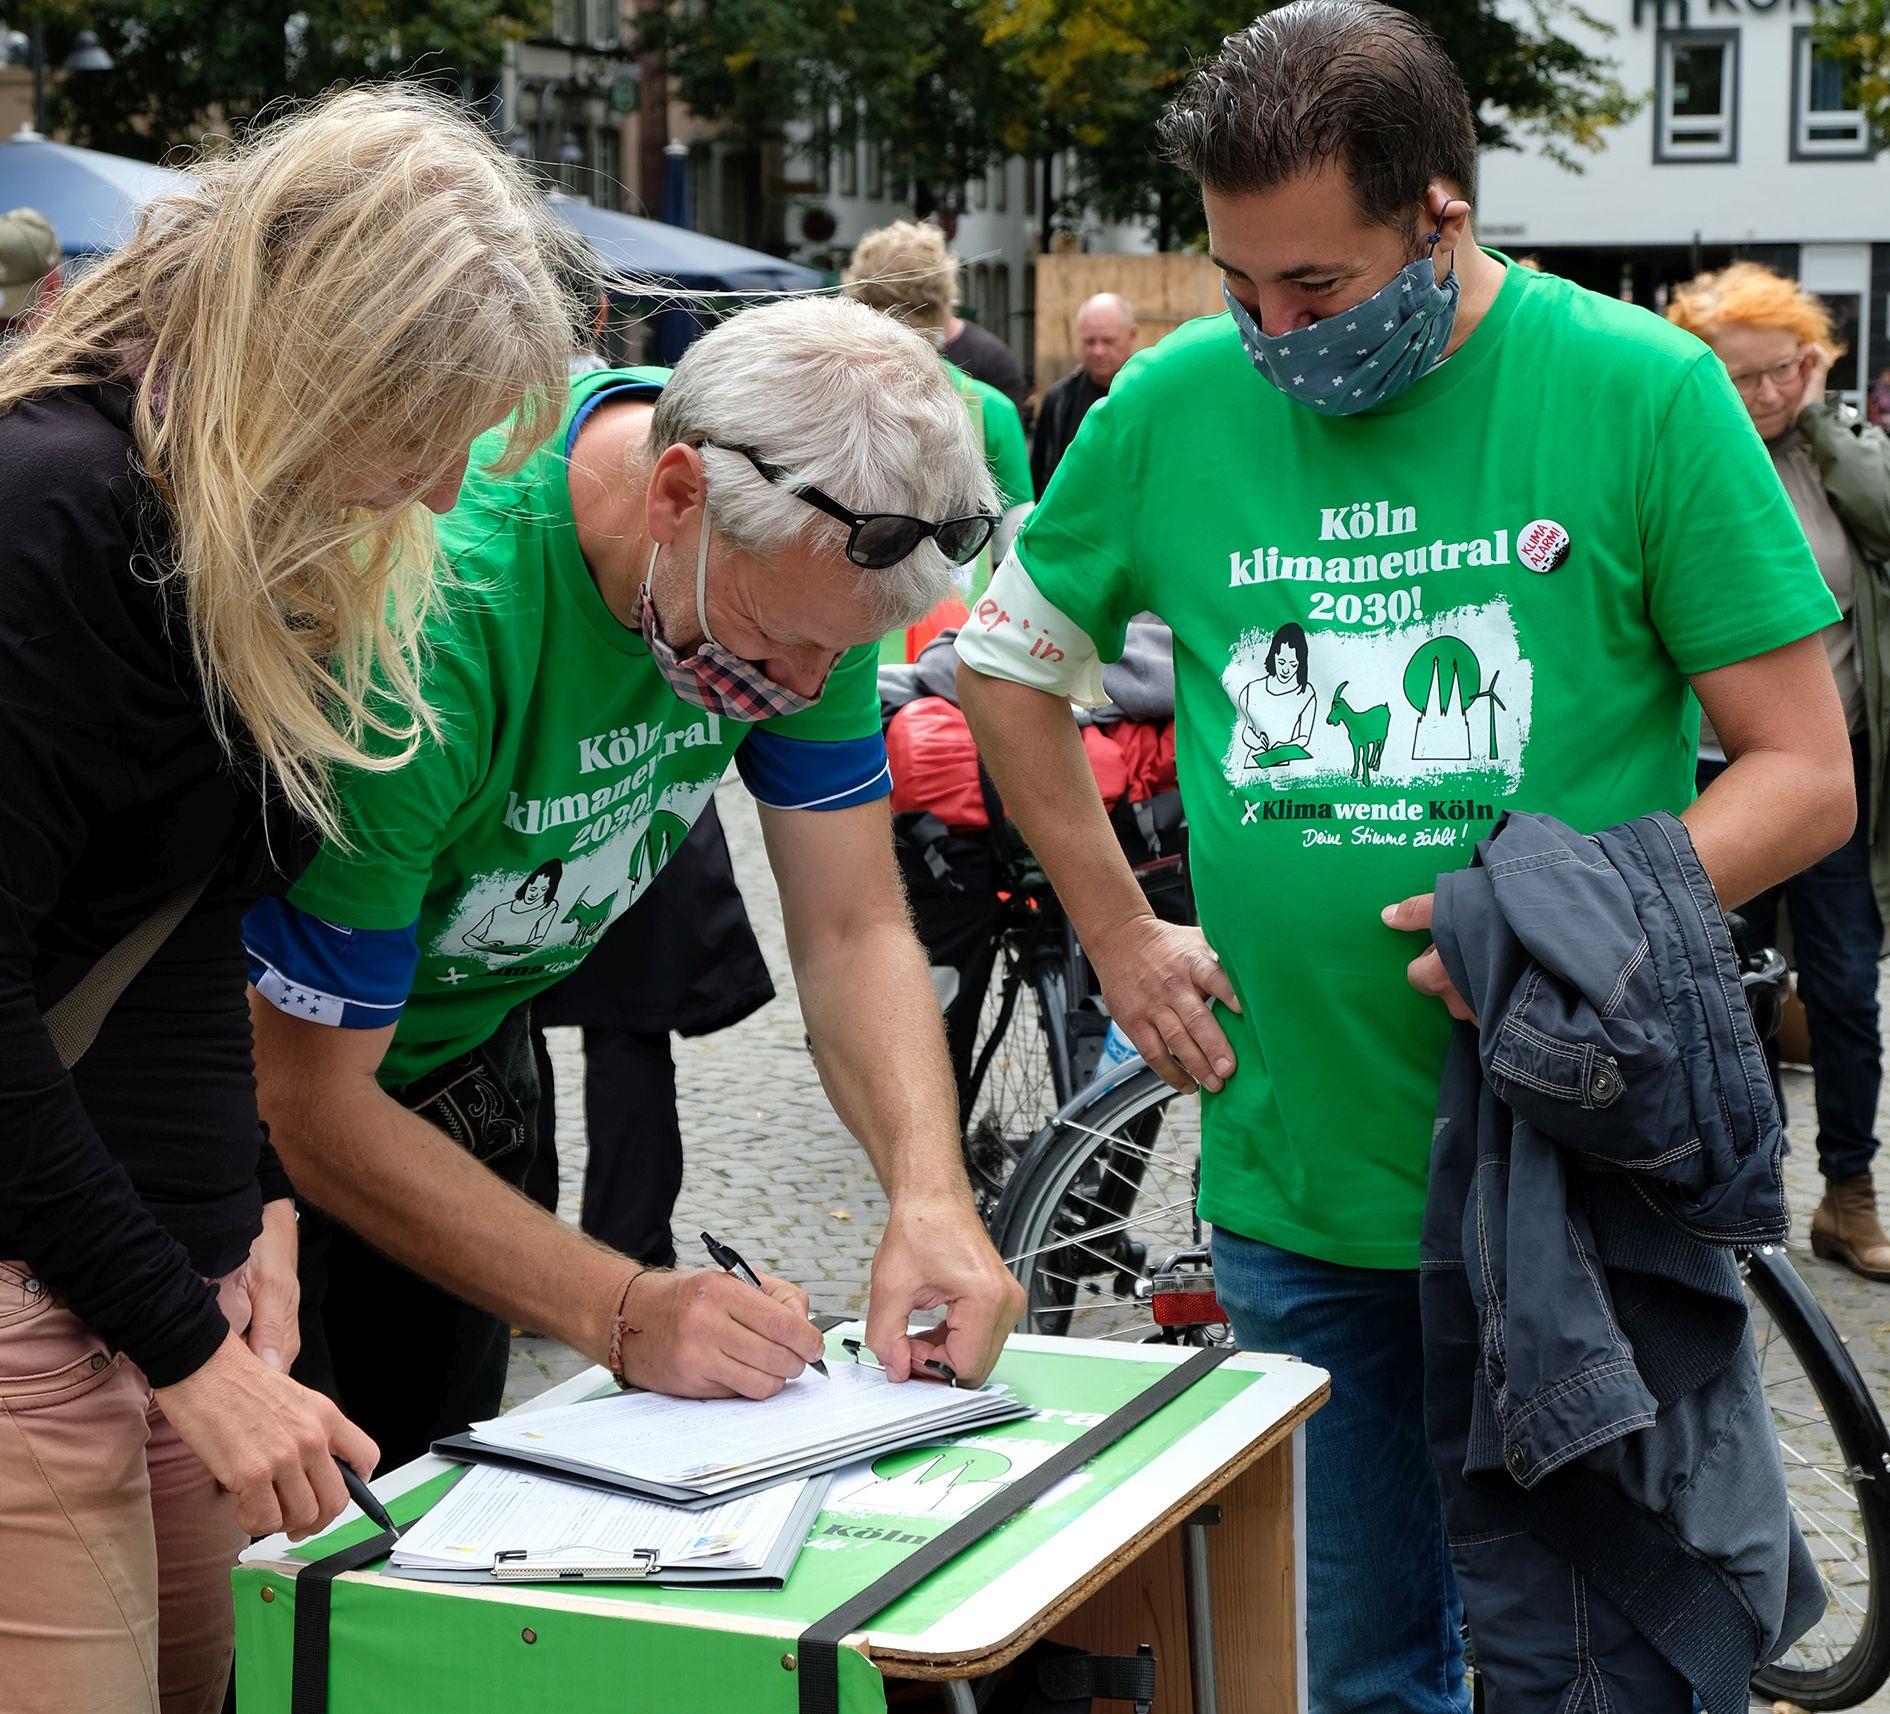 unterschreiben fürs Bürgerbegehren